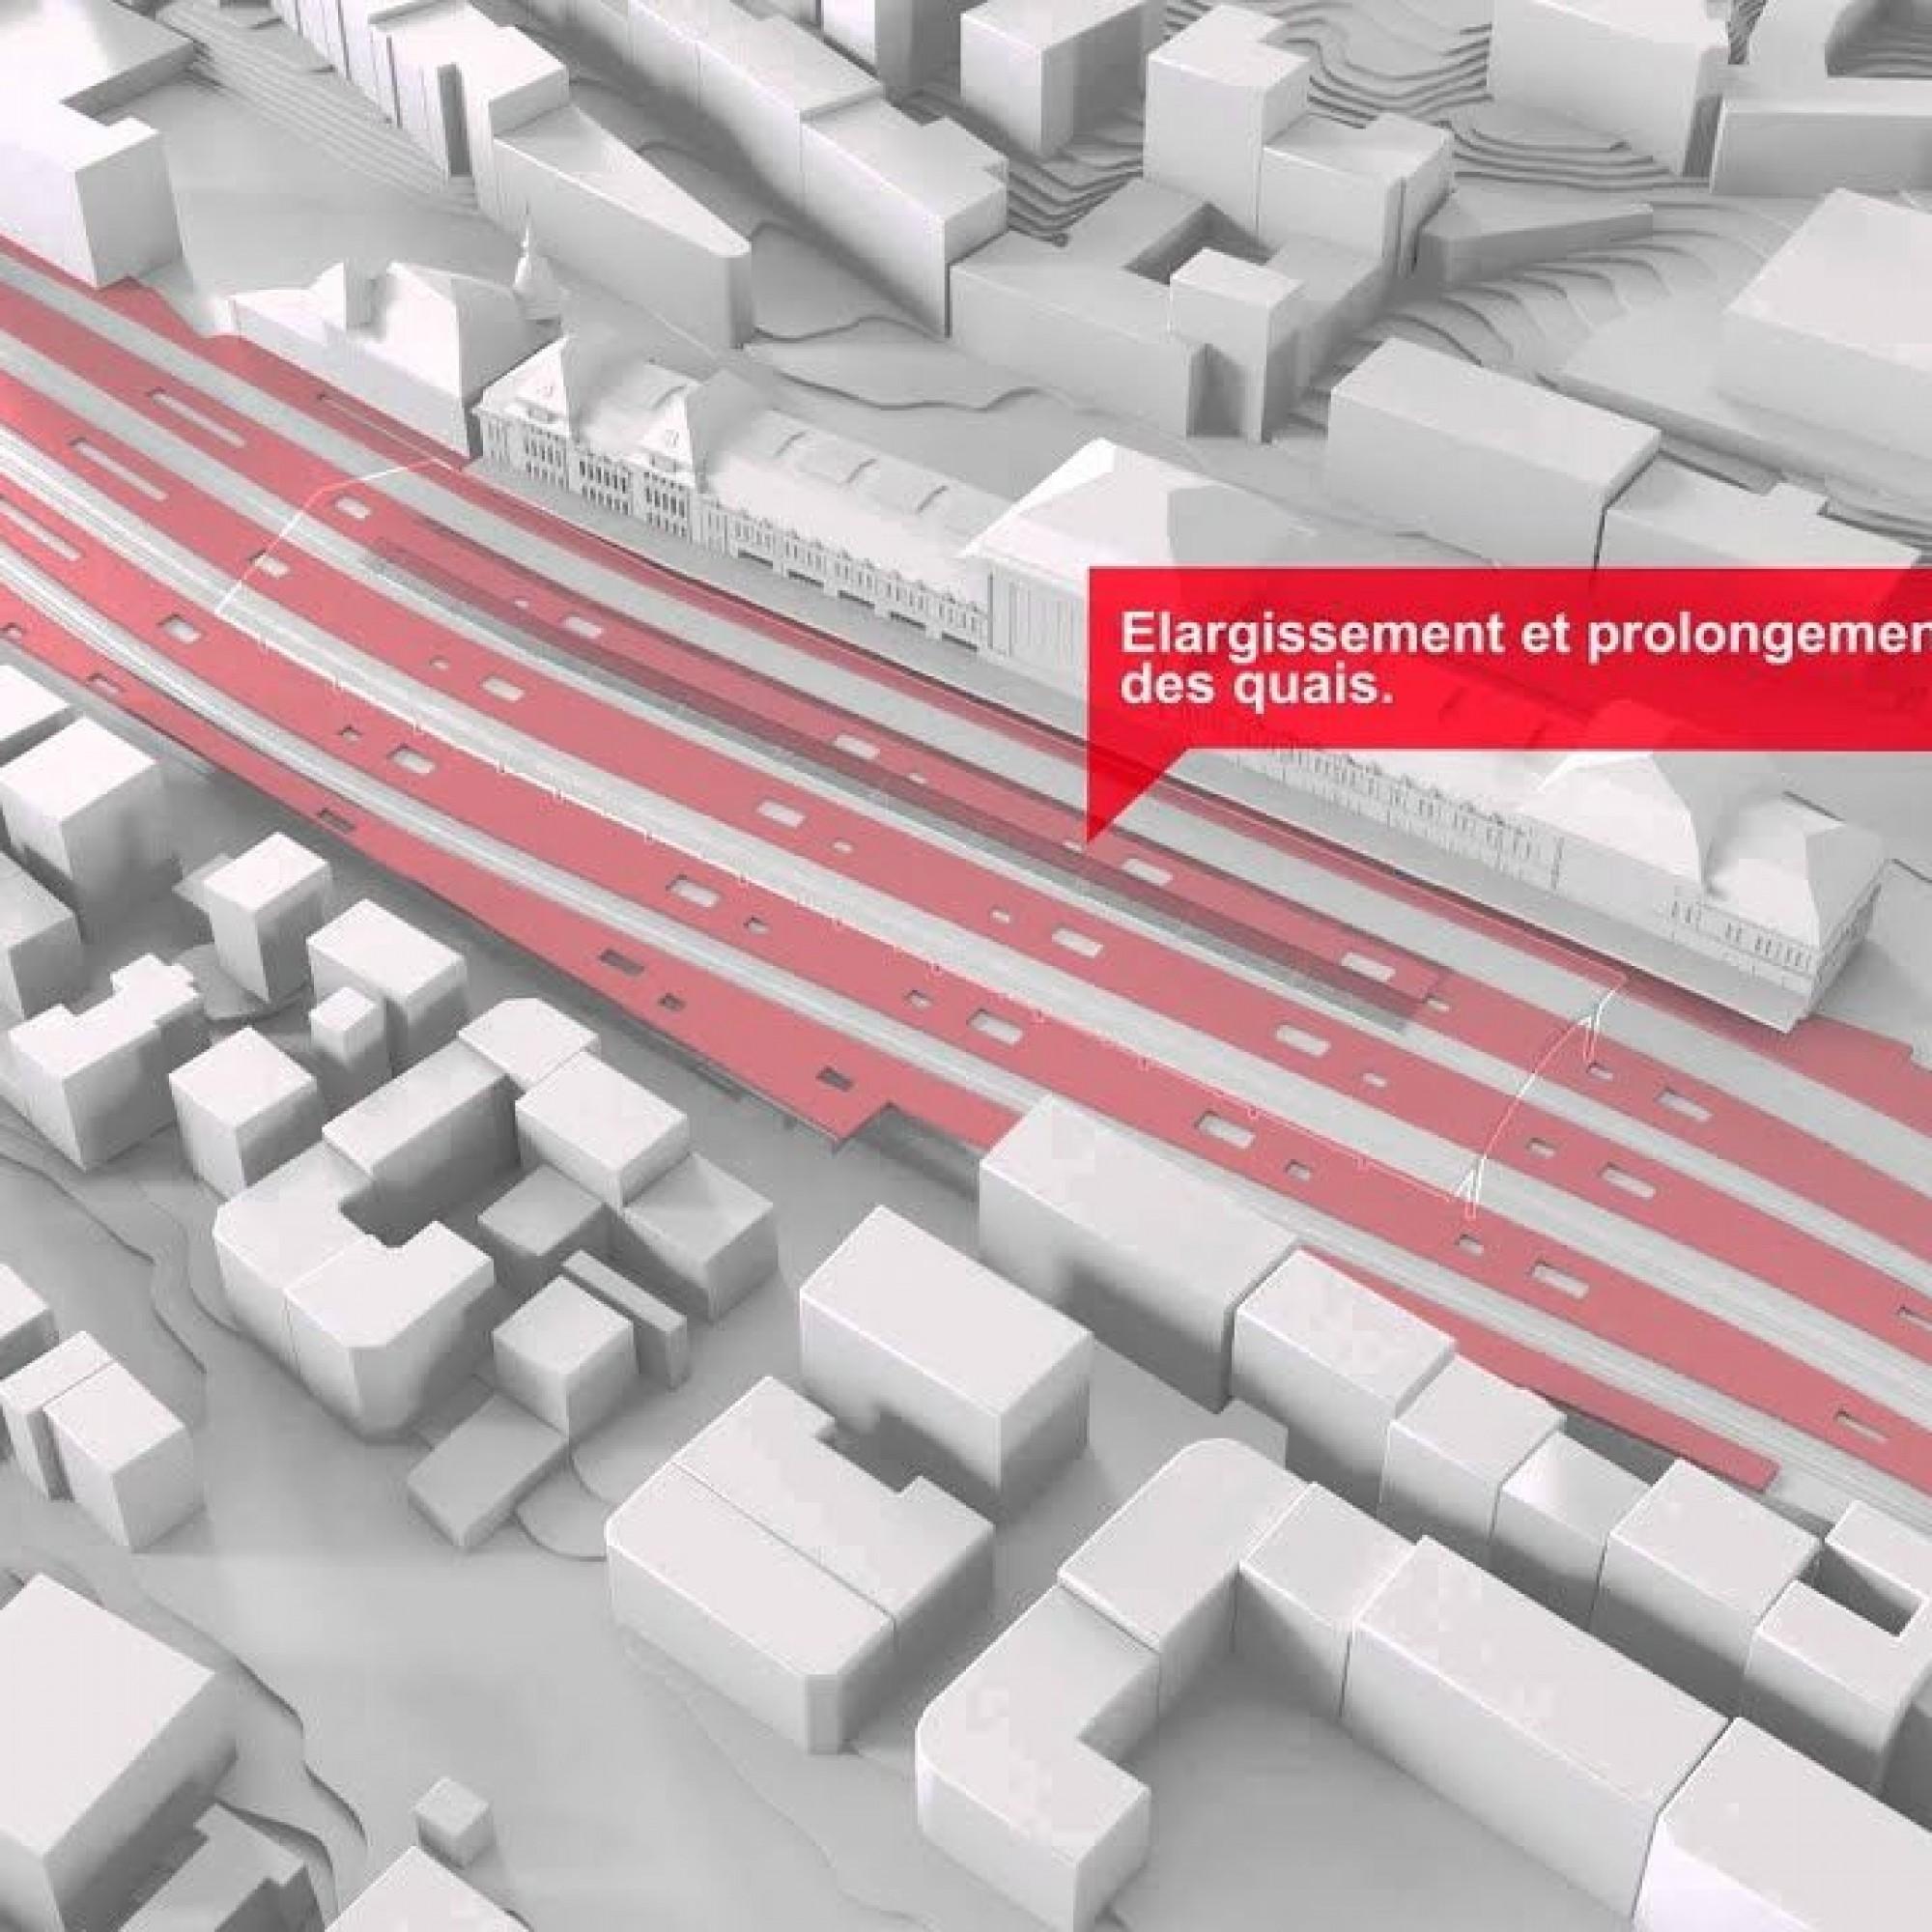 Les travaux concernent à la fois les infrastructures ferroviaires et les espaces commerciaux de la gare.